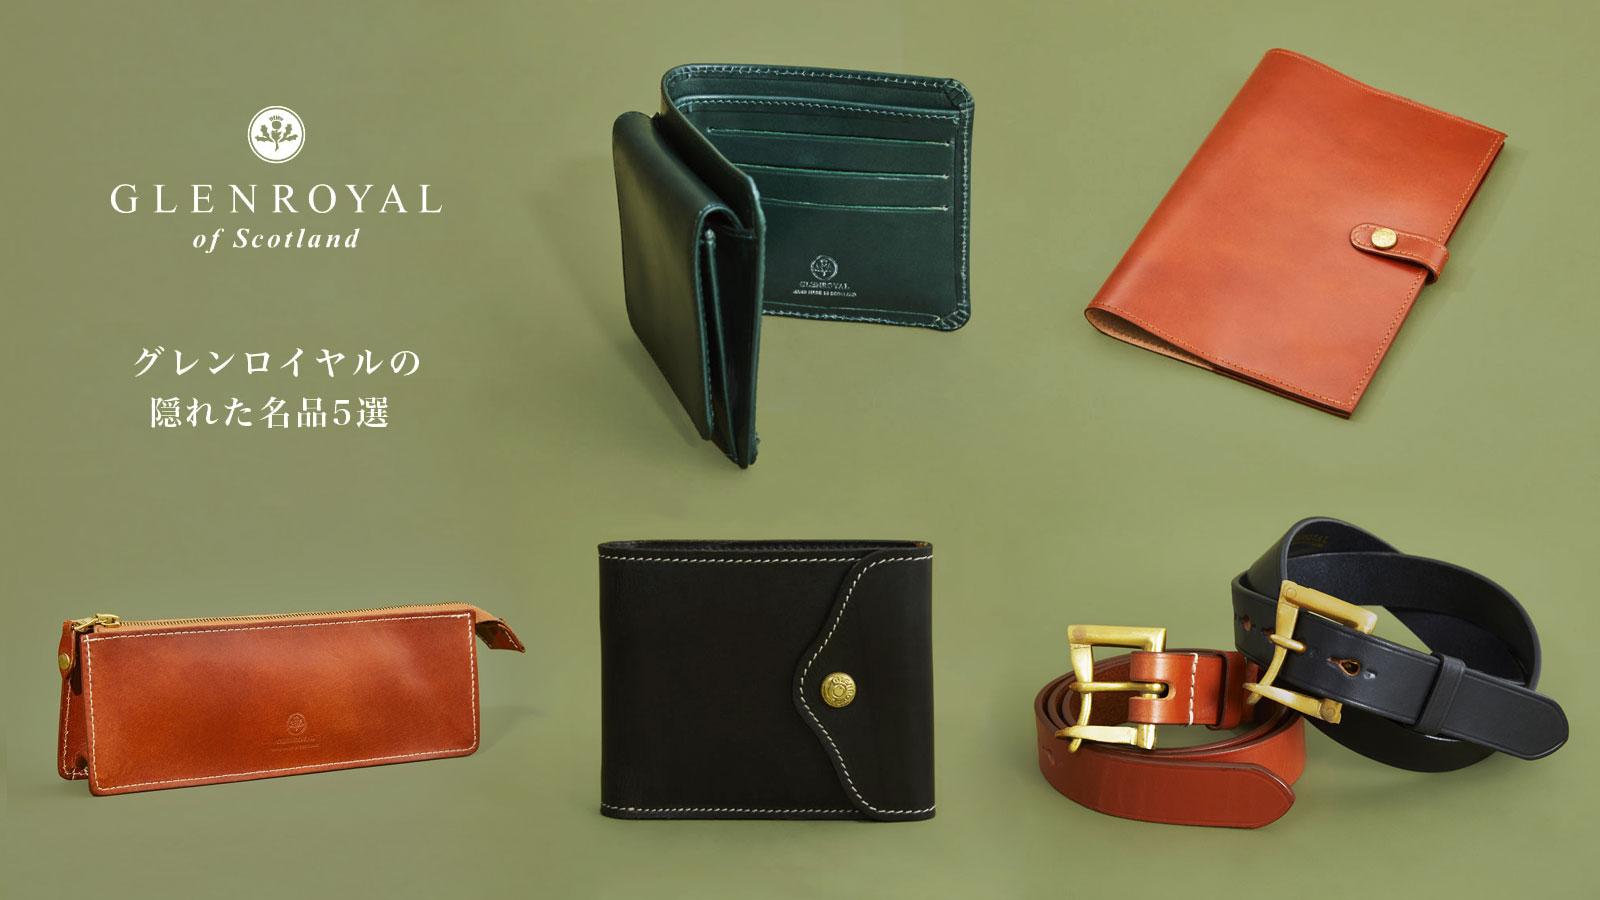 グレンロイヤルの隠れた名品5選。ブライドルレザー製の革財布から文房具・ベルトまでご紹介。